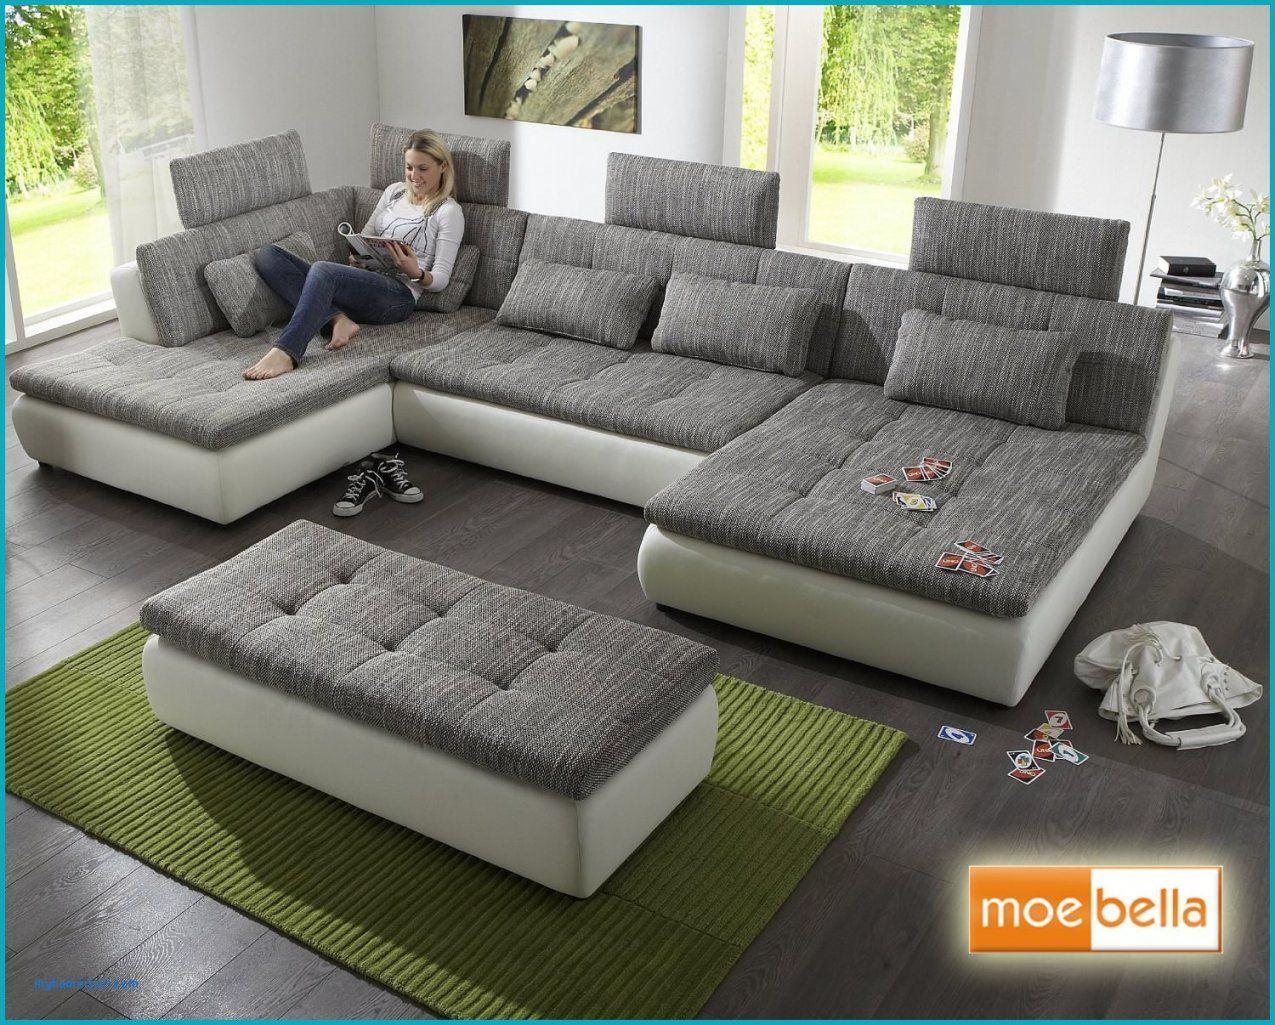 Big Sofa Mit Schlaffunktion Und Bettkasten C78 Von Design Sofa Und von Big Sofa Mit Schlaffunktion Und Bettkasten Bild